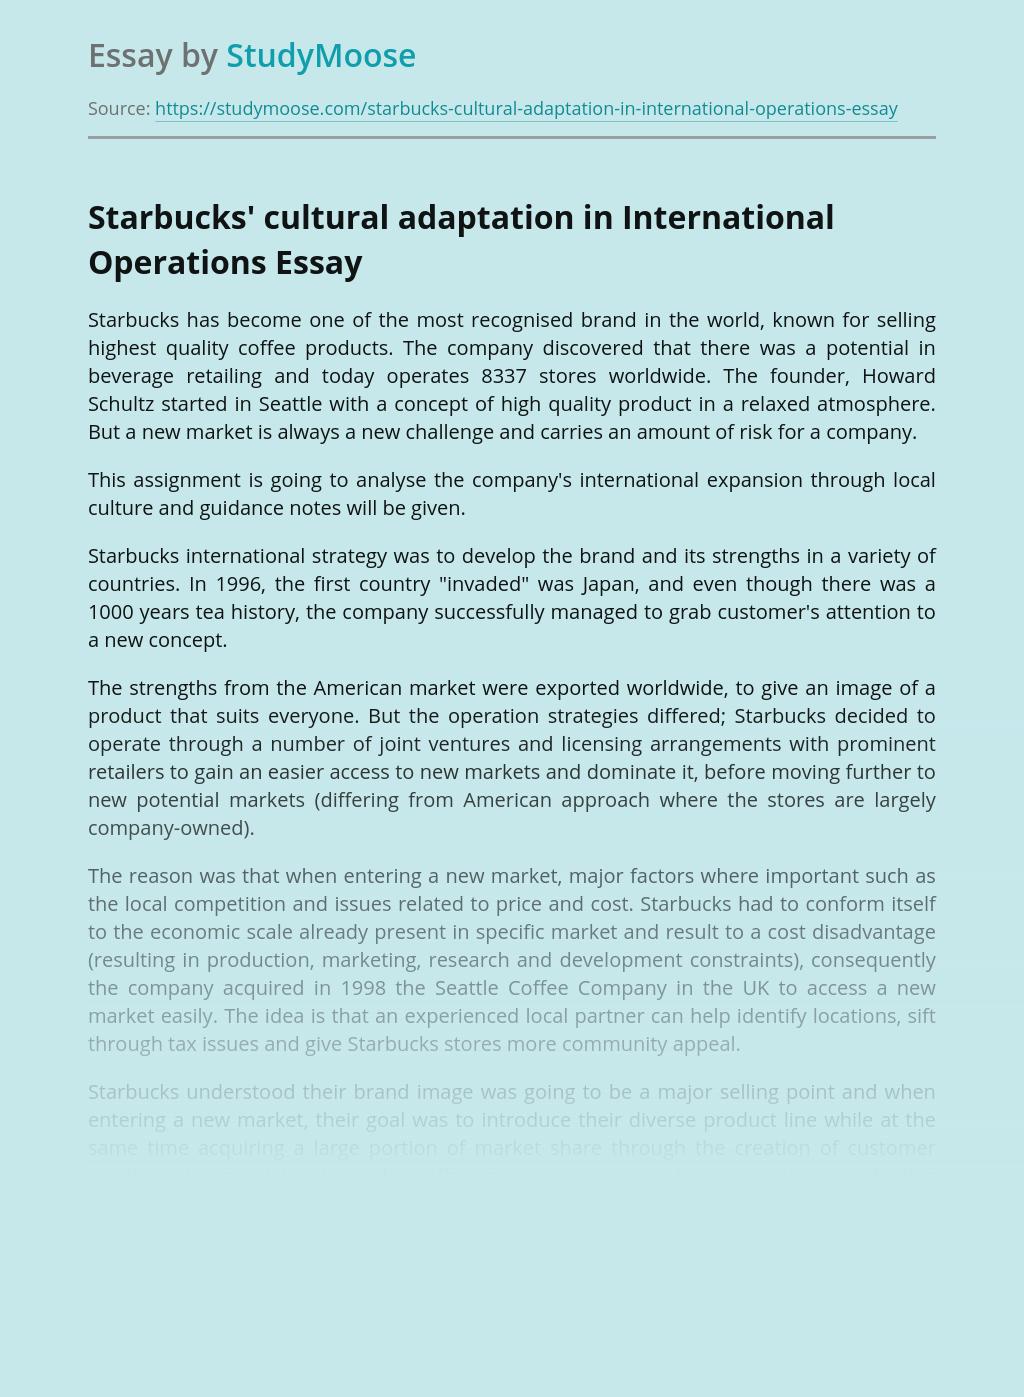 Starbucks' cultural adaptation in International Operations